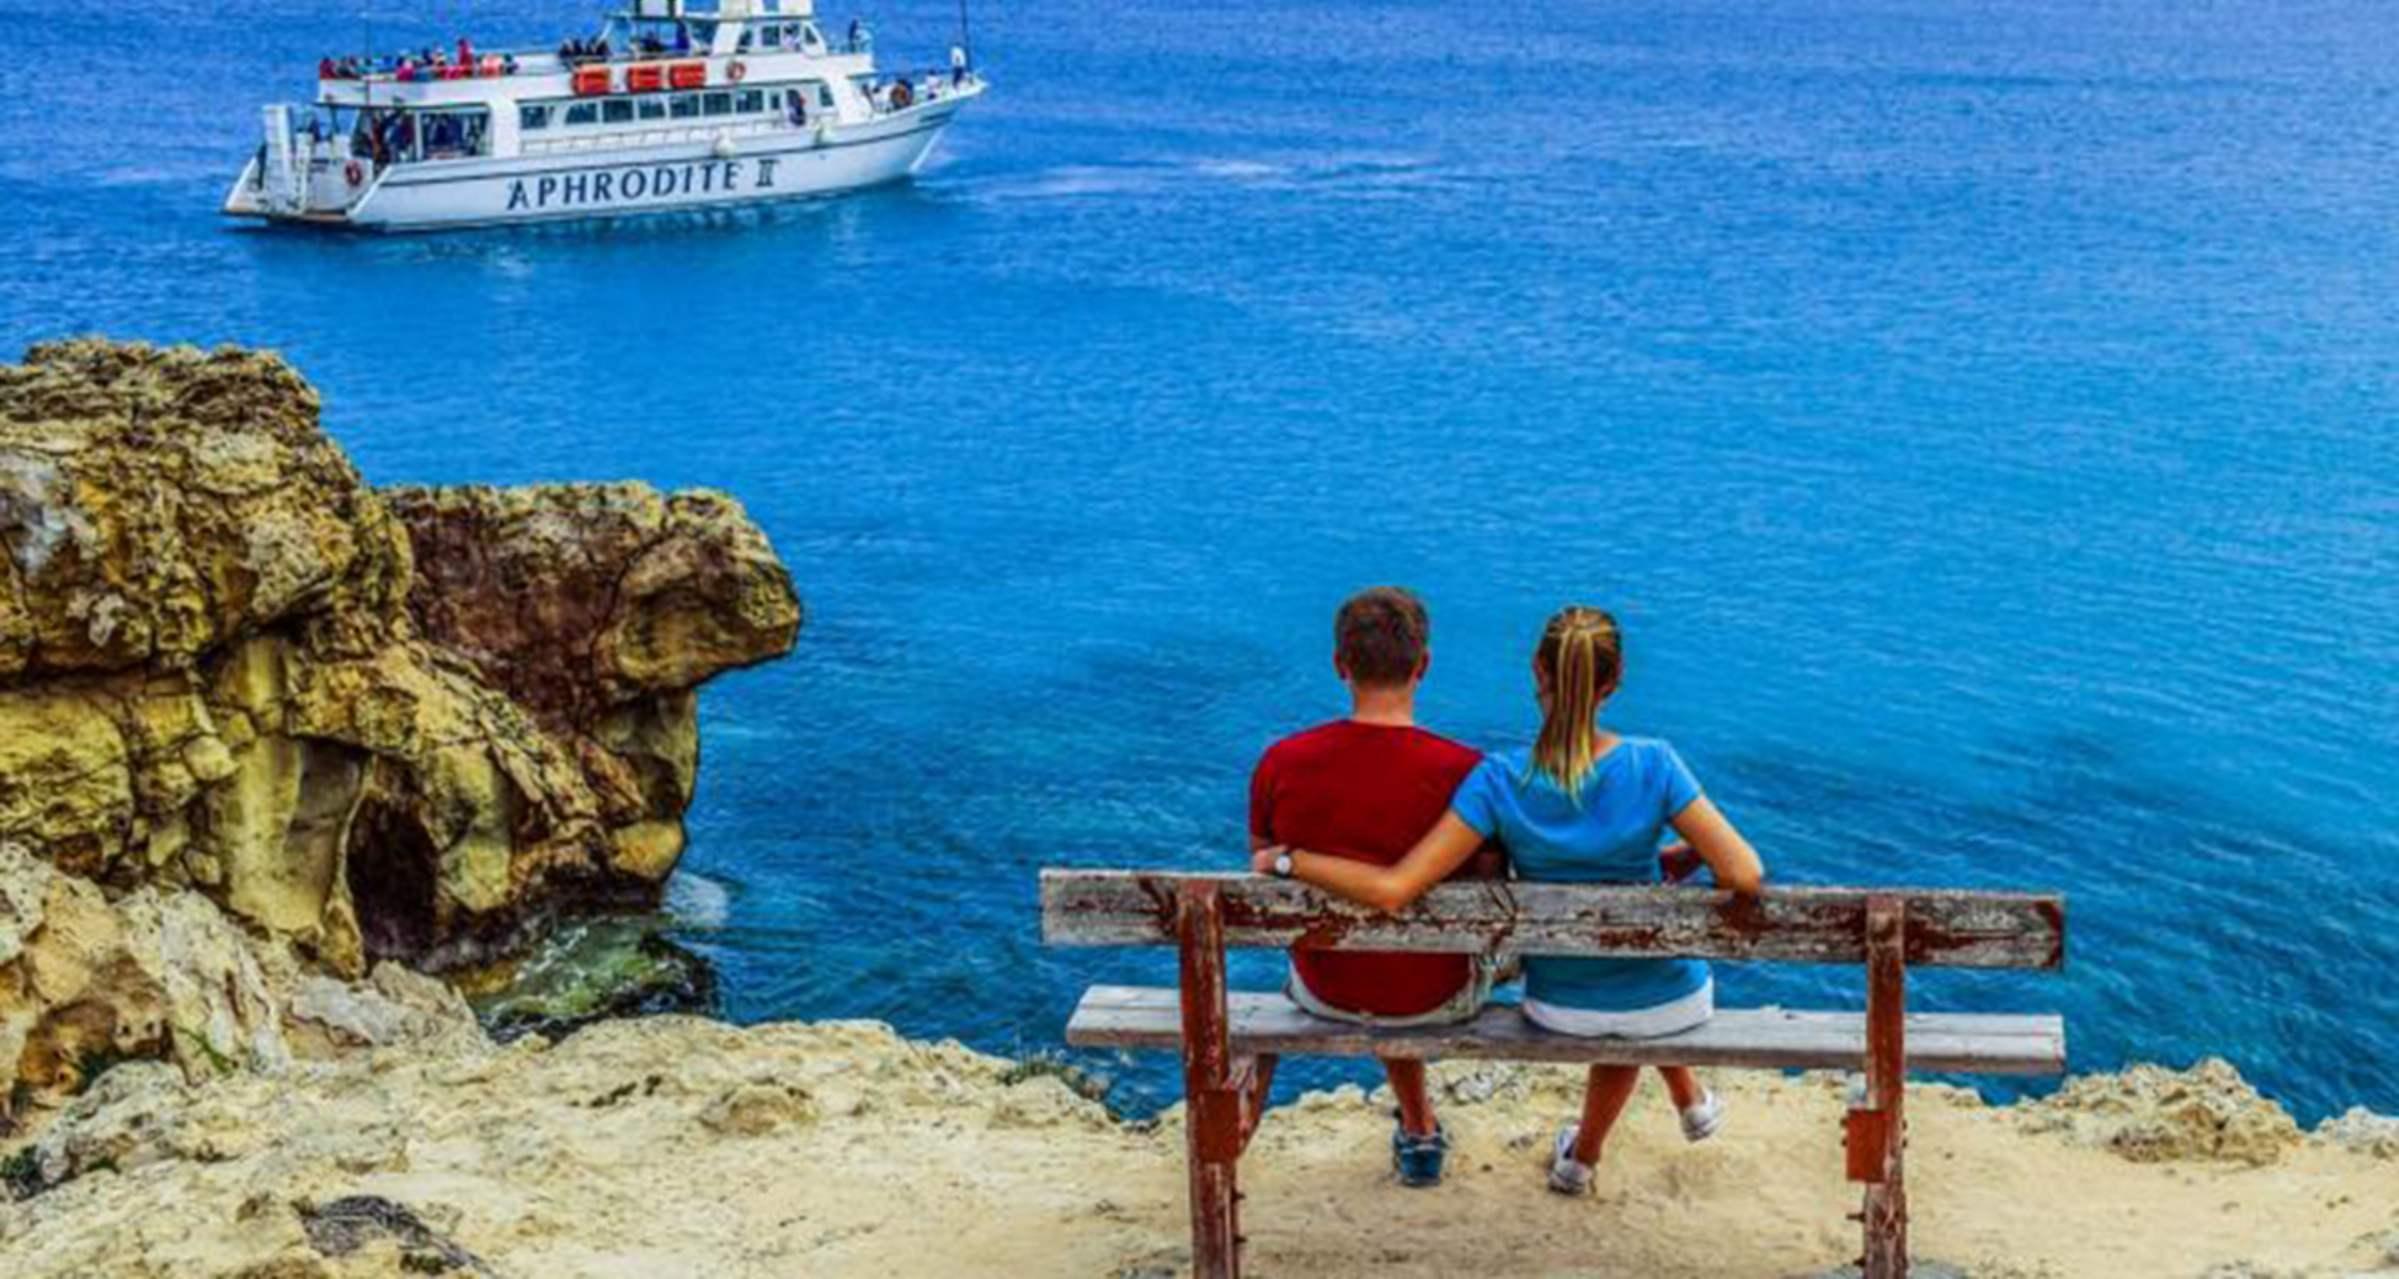 Впечатления русской жены о Кипре при проживании с местным мужем